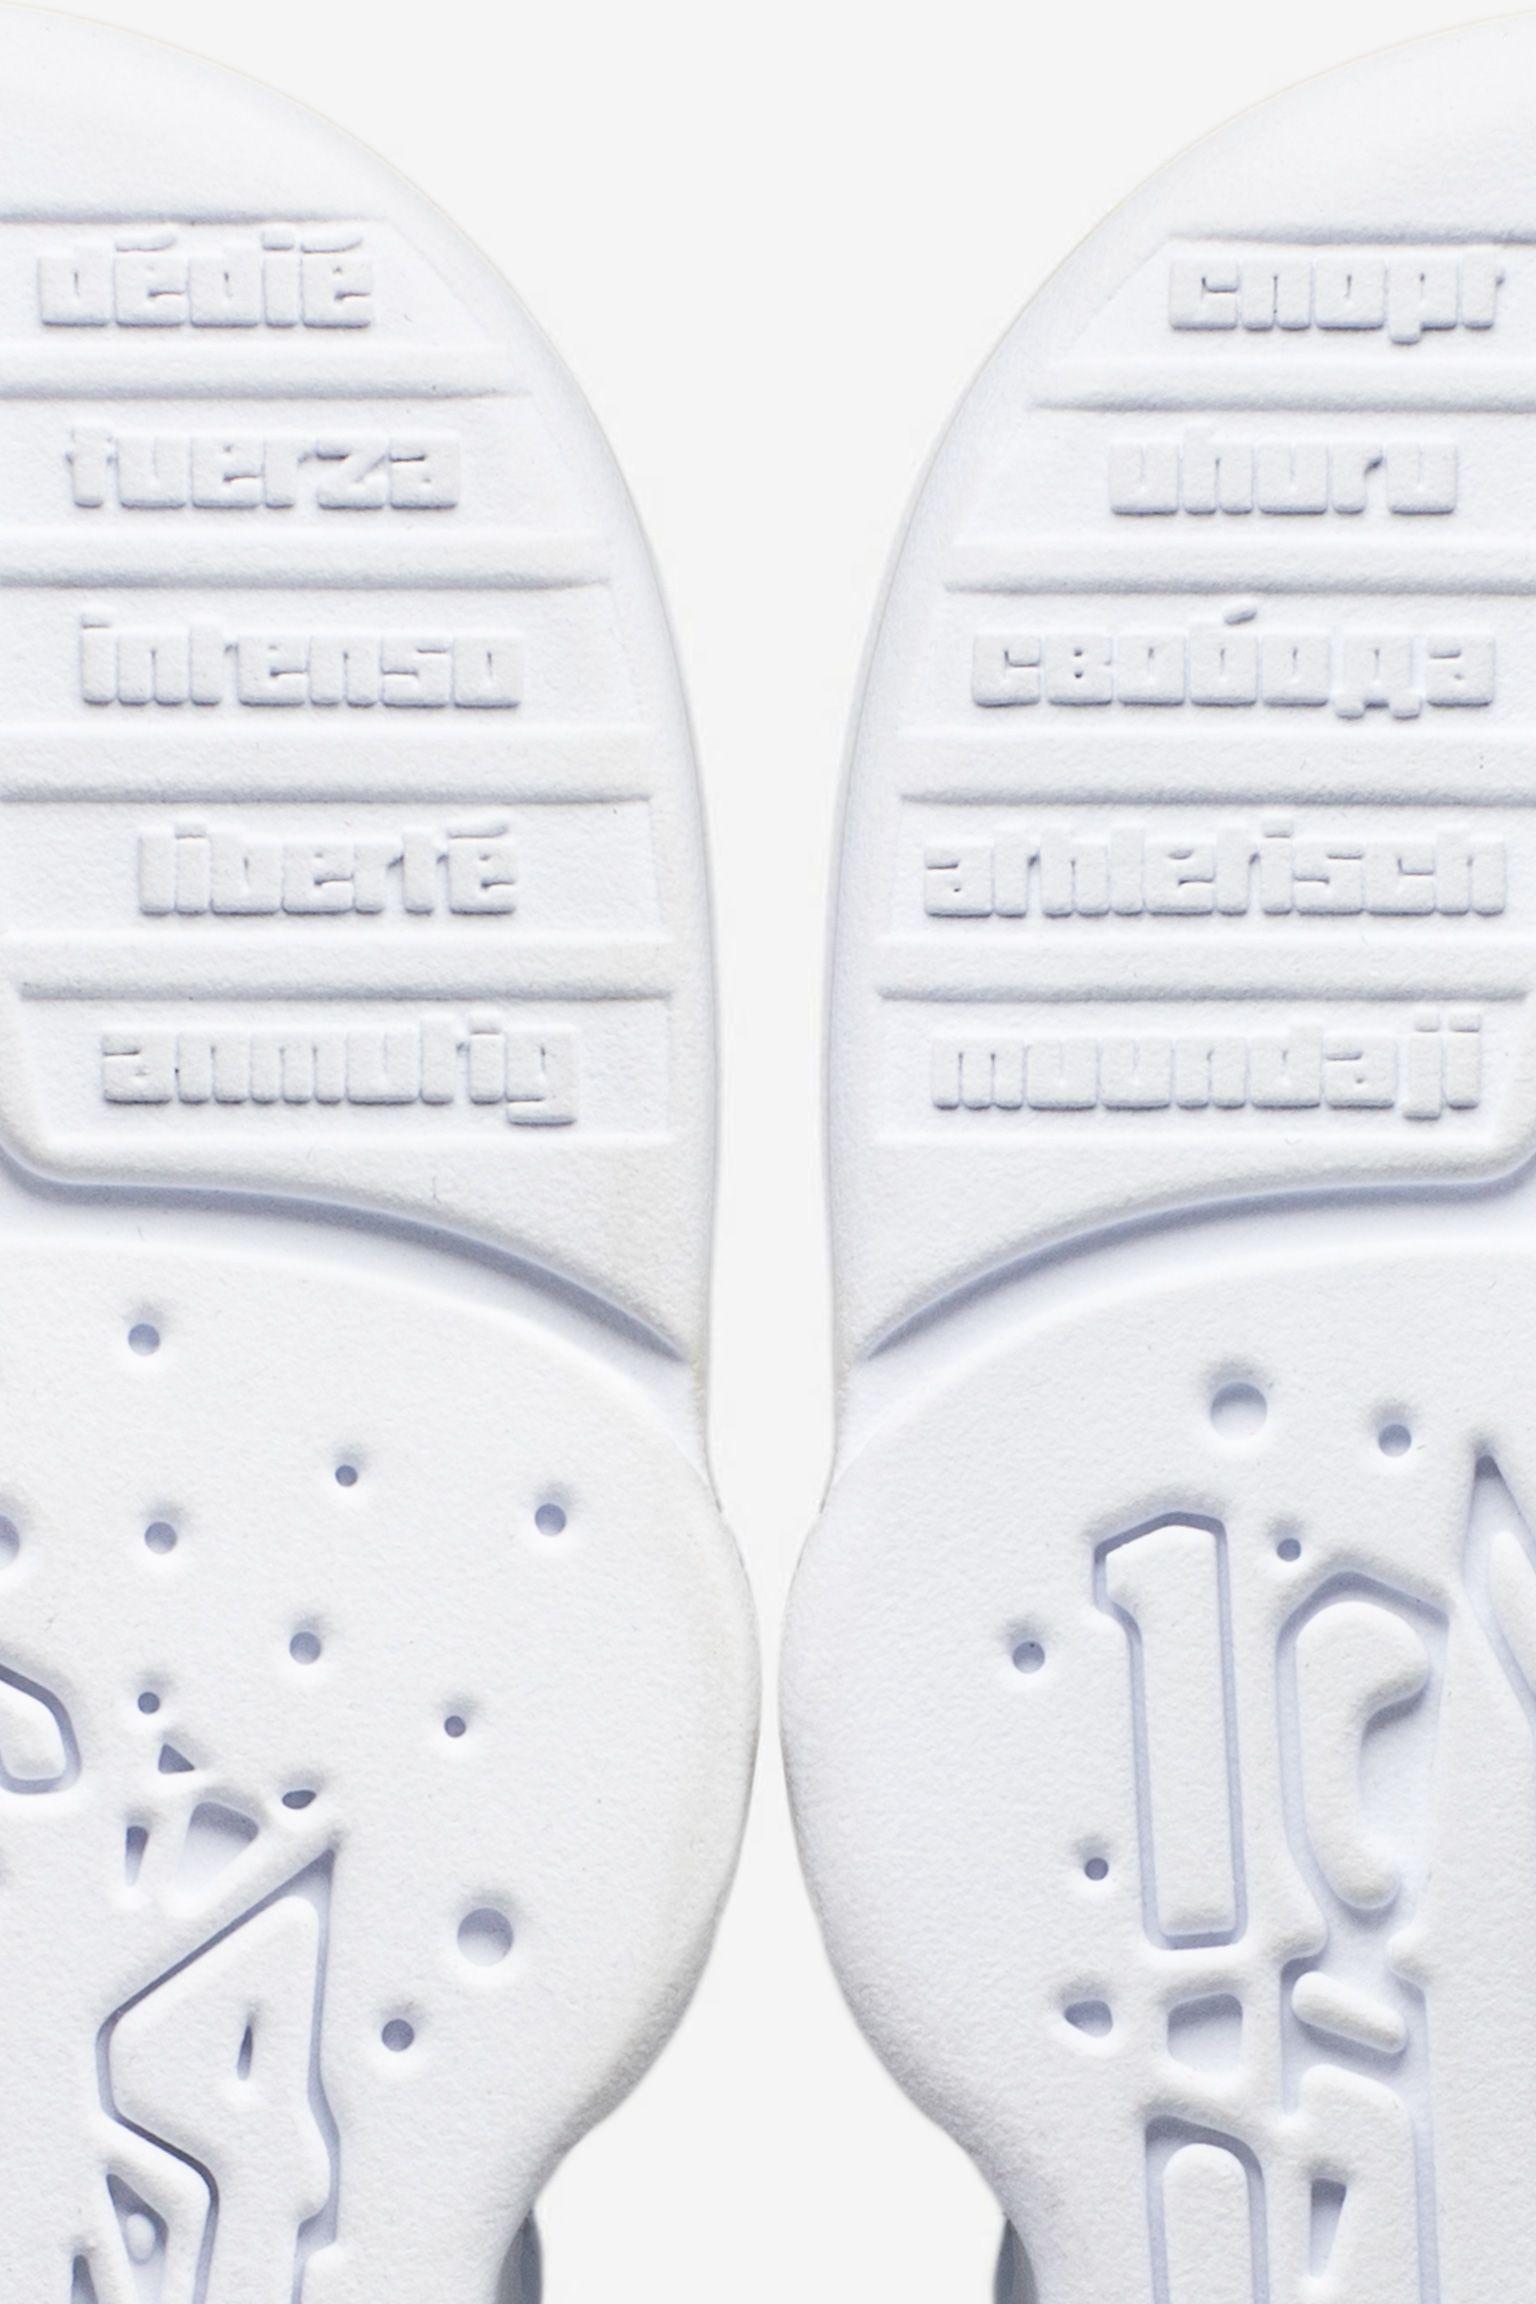 Ami a dizájn mögött rejlik: Air Jordan 9 külső talp